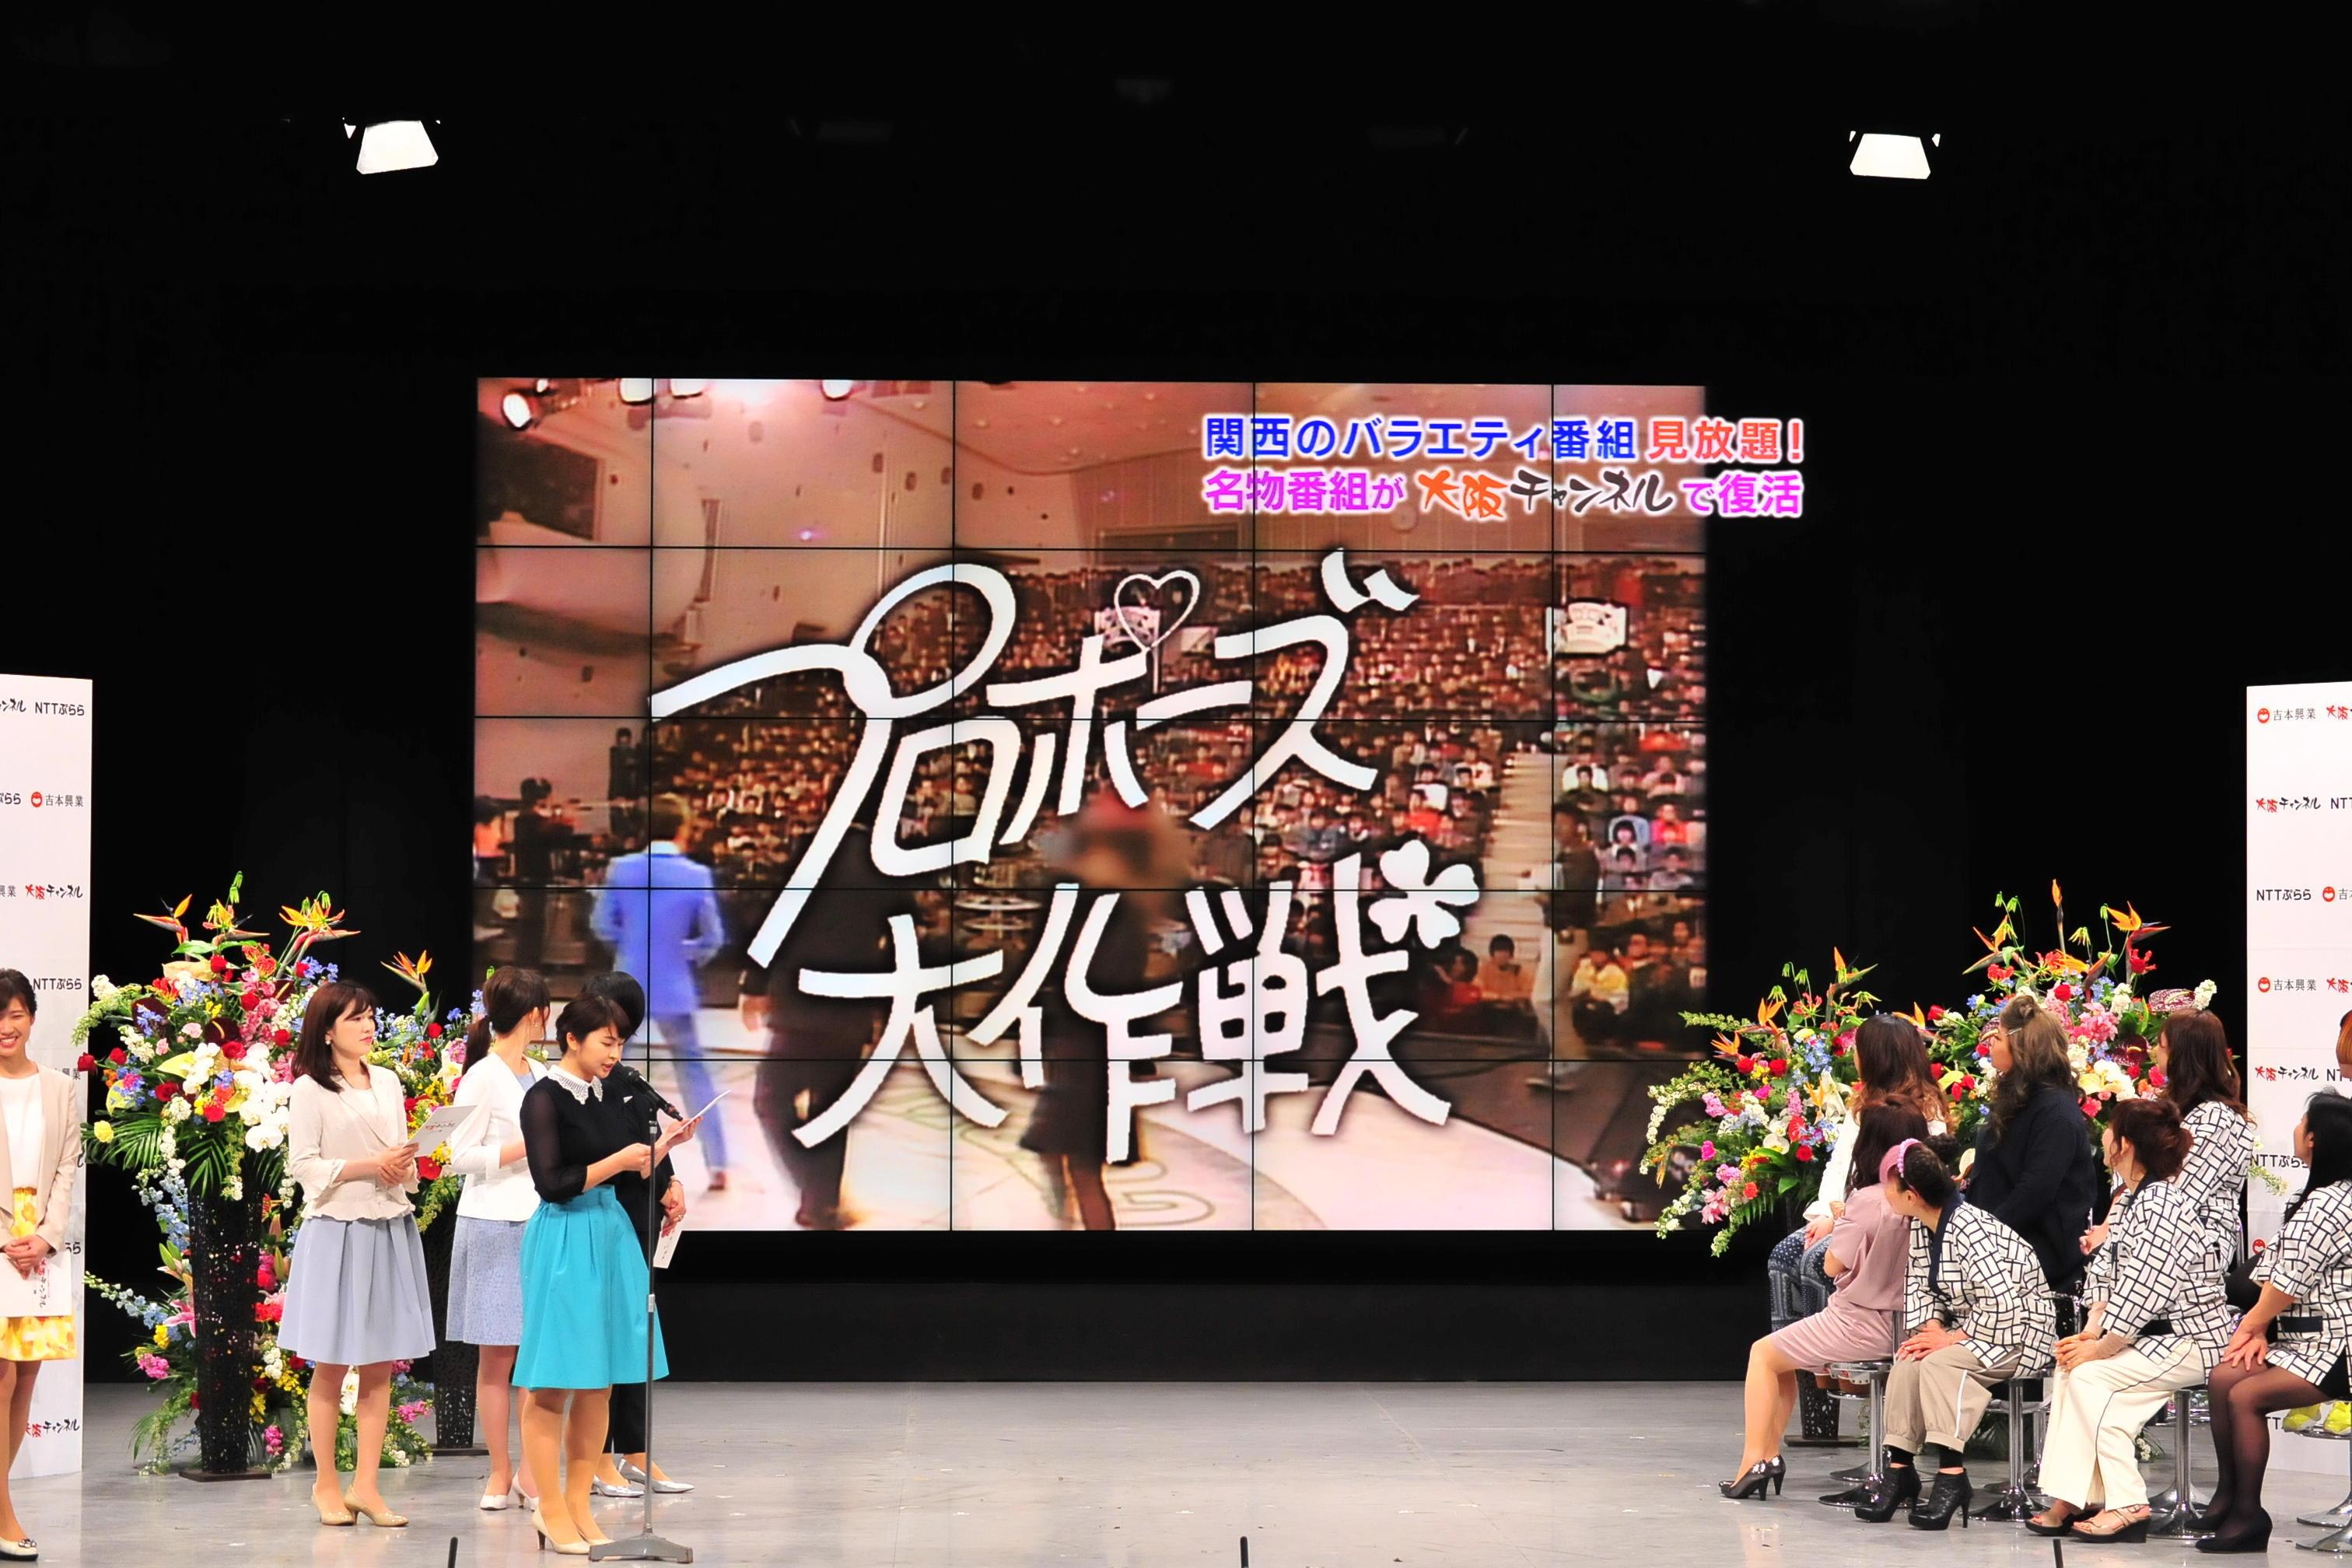 http://news.yoshimoto.co.jp/20170425160456-34be61a91b47ecf1c3b01f40fdc924990b4d265b.jpg